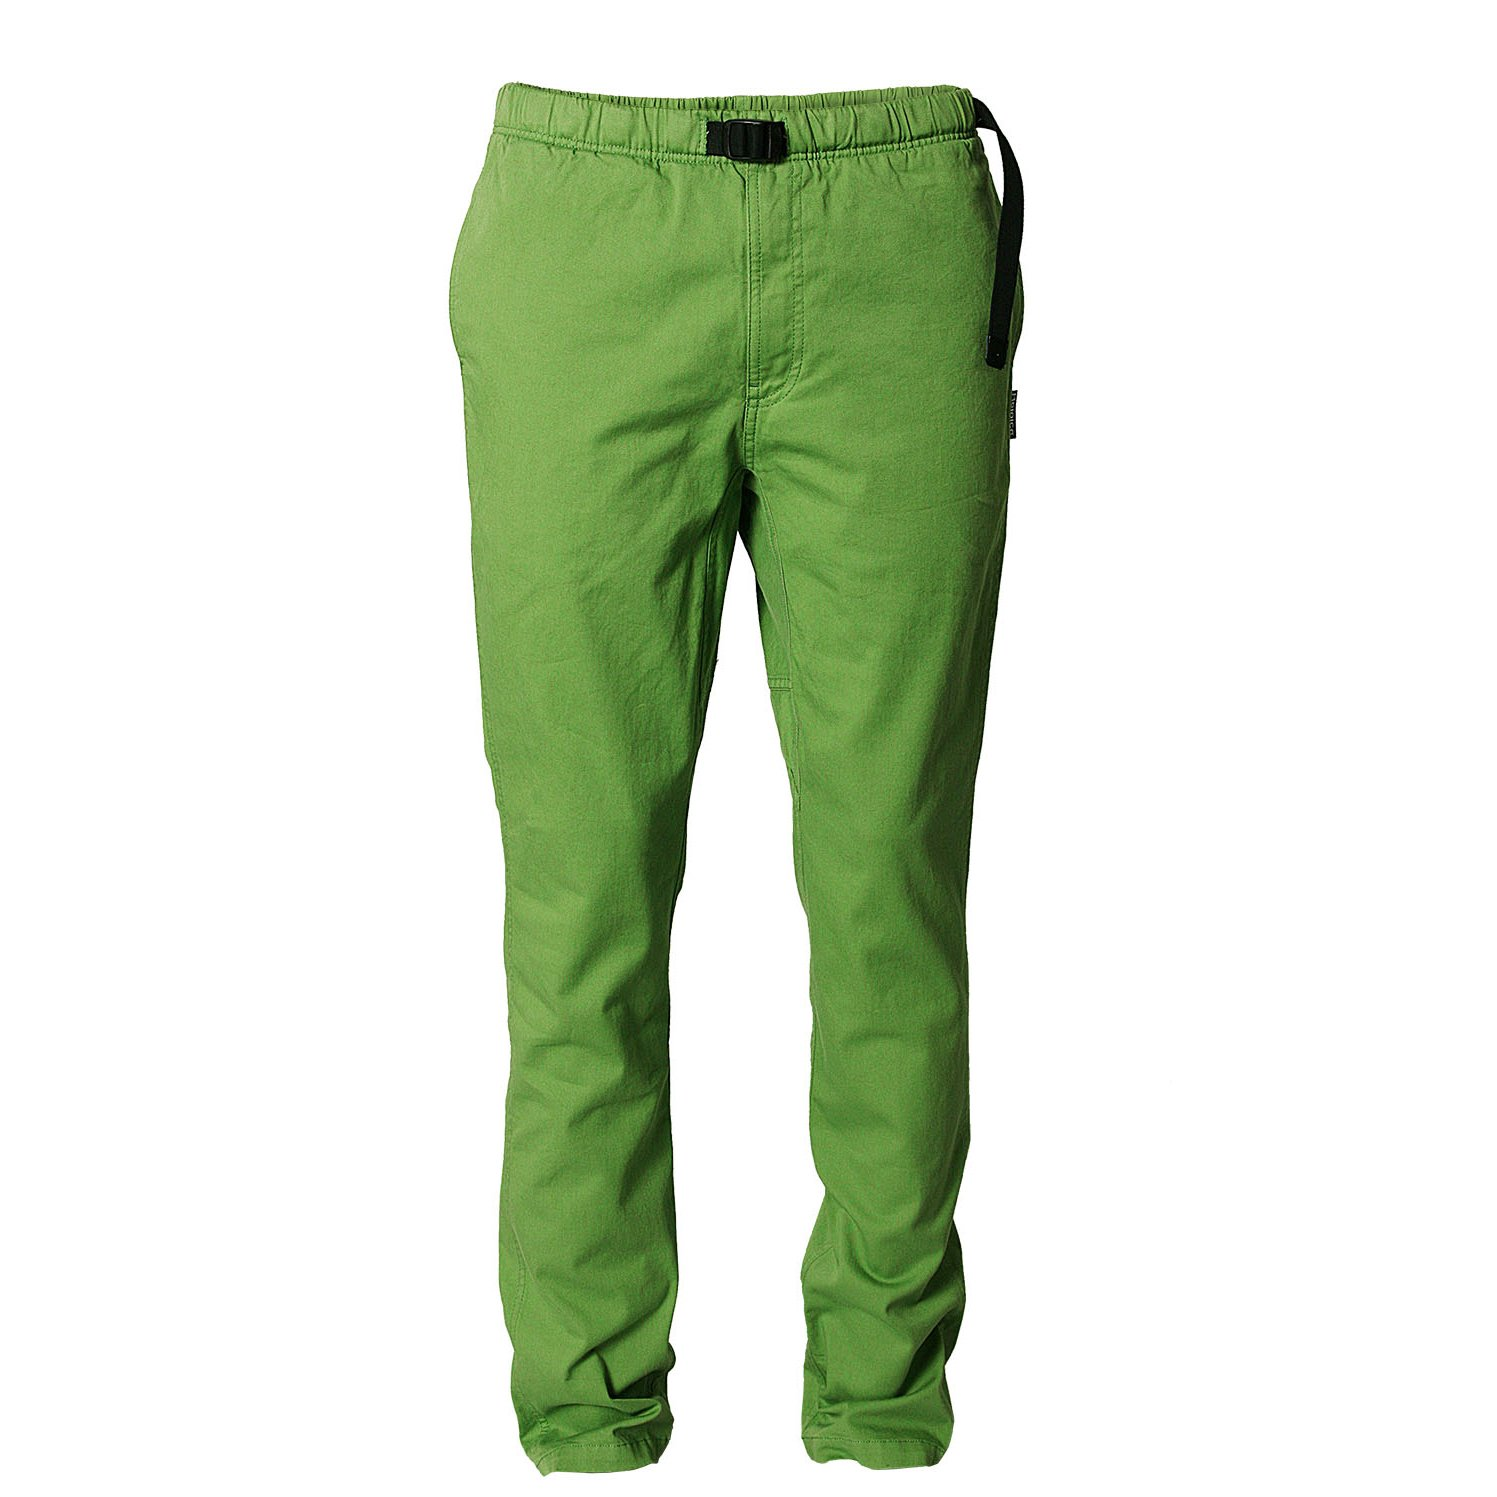 Boulderhose Herren lang Outdoorhose PADUS von Rejoice® –– Freizeitshose Herren